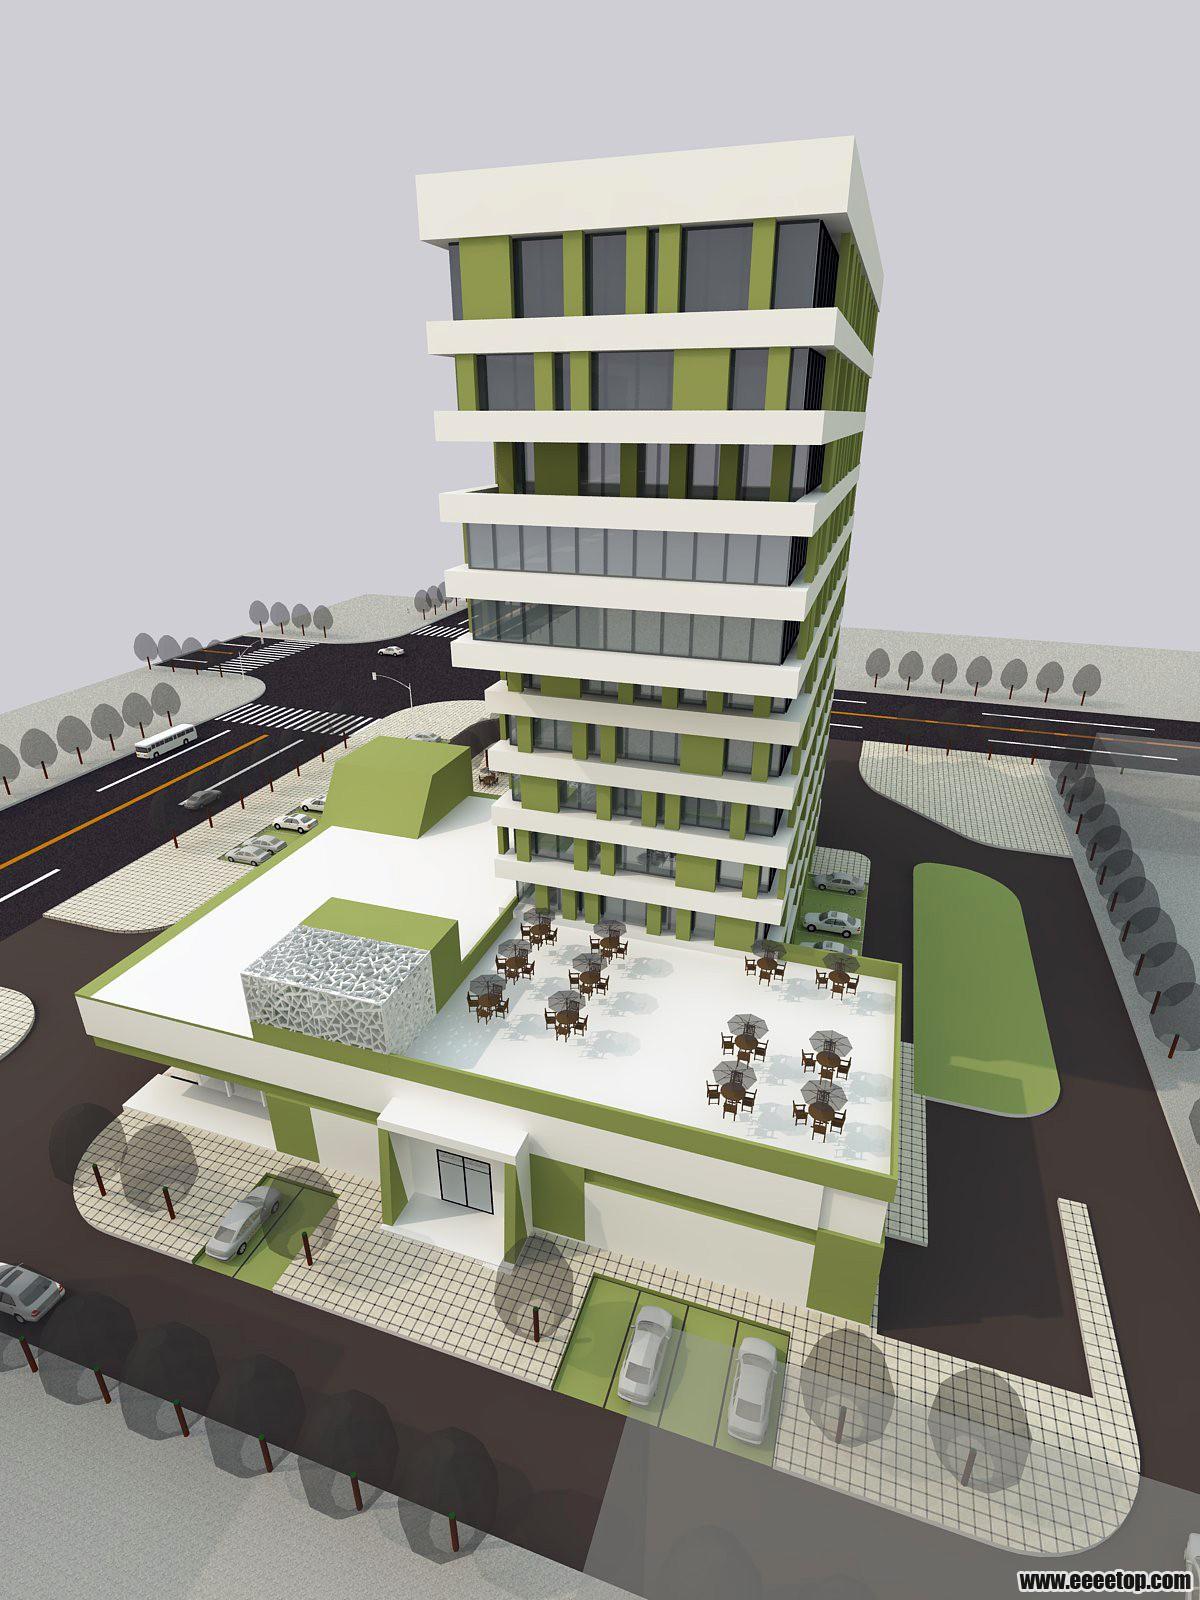 办公楼设计 高层办公楼设计 办公楼设计效果图